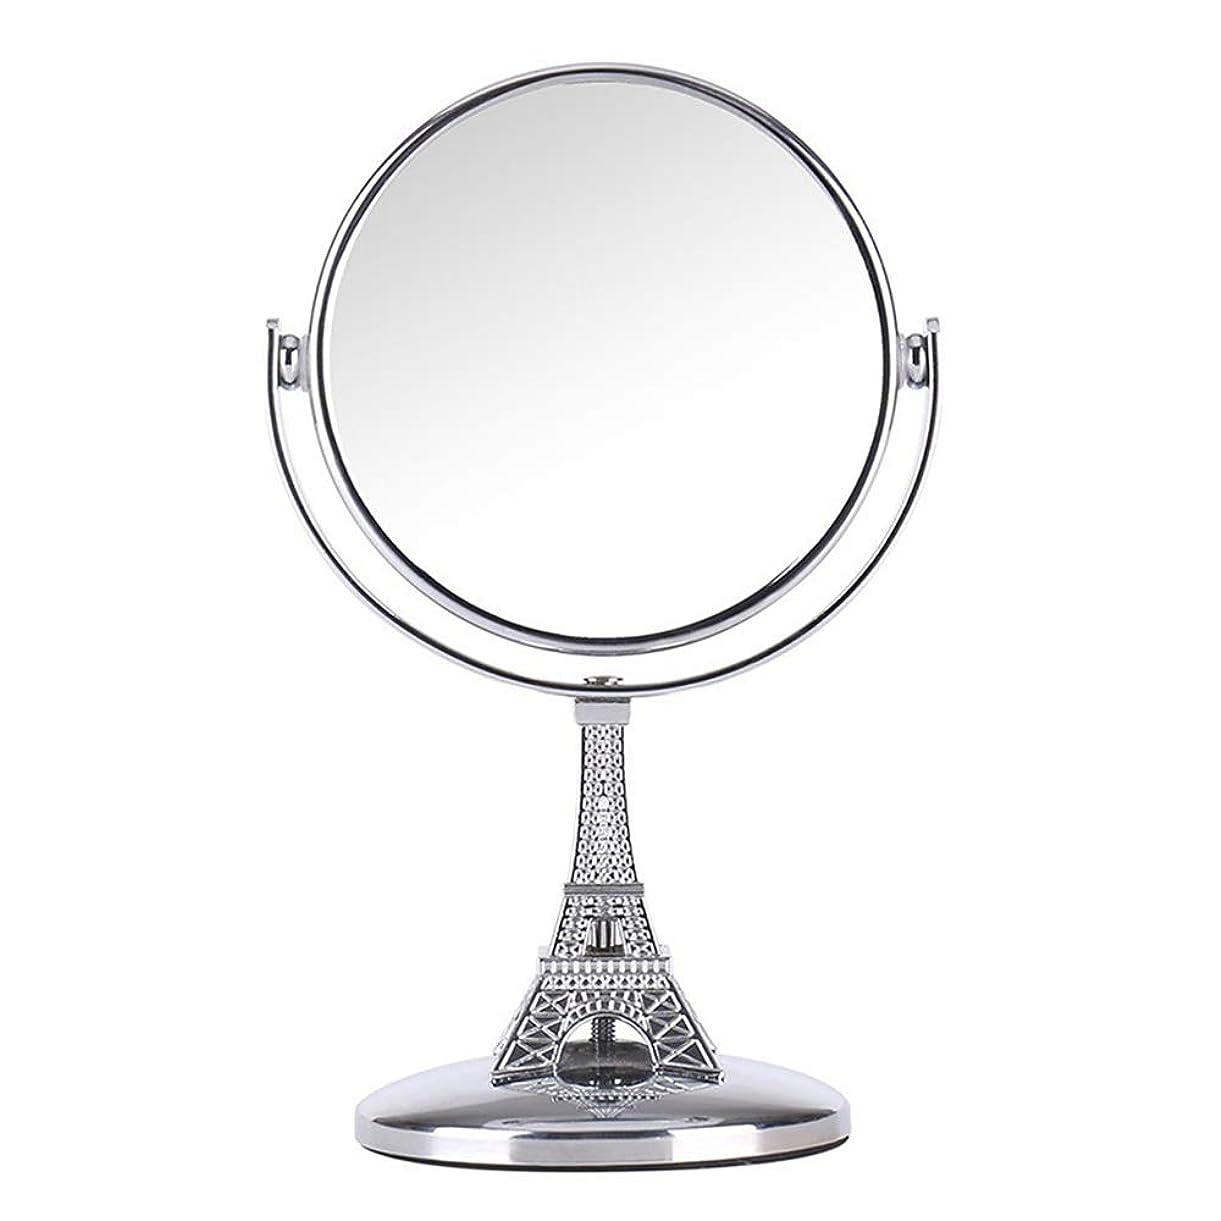 モッキンバード面倒発表DUKKL ミニポータブルミラー両面化粧鏡表面5倍倍率美容化粧塔小さな鏡、高精細ミラー